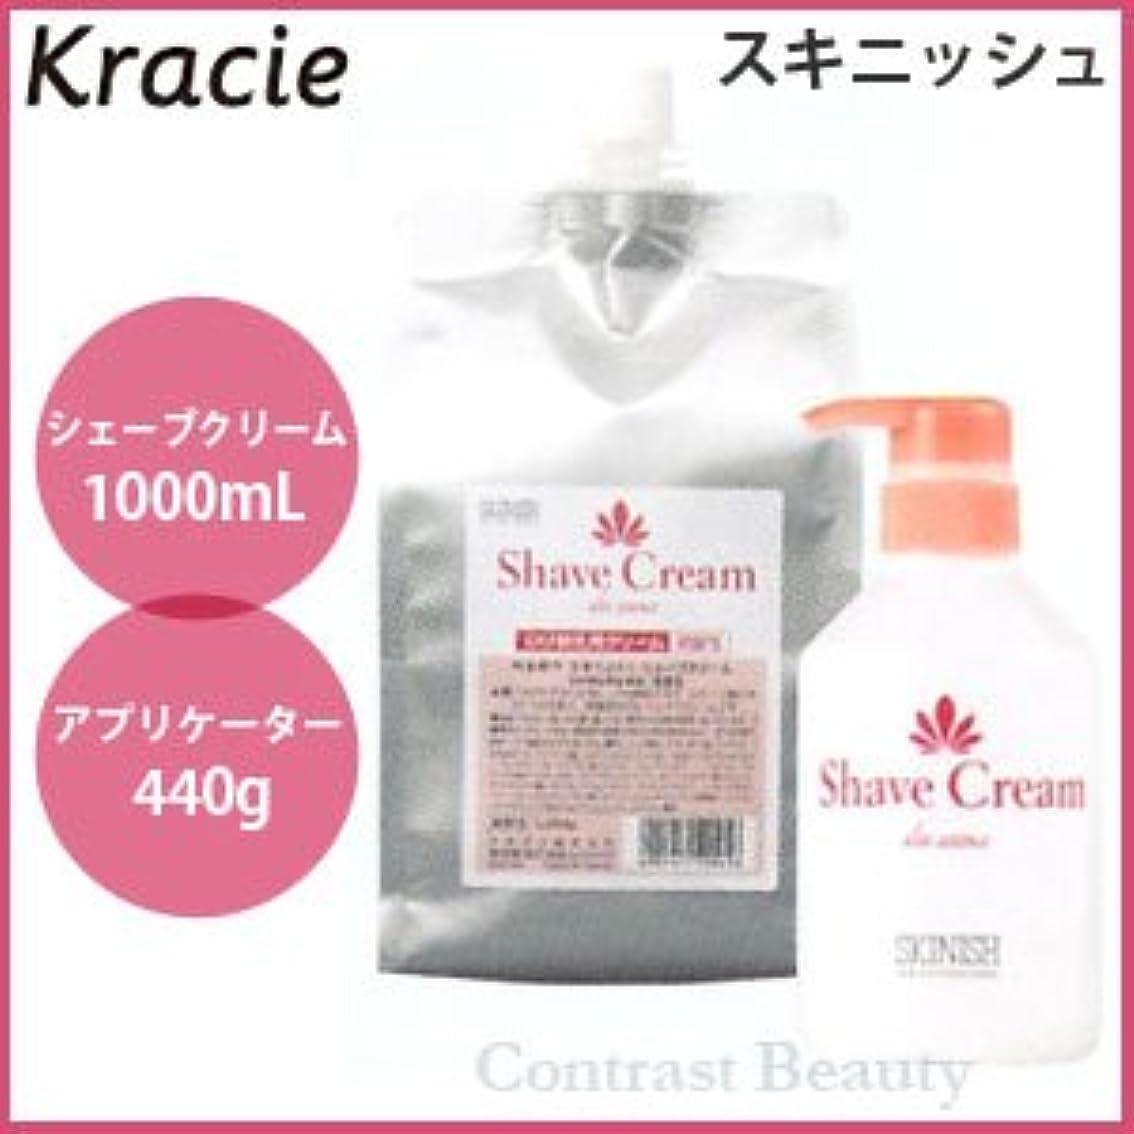 負荷アセ料理をするクラシエ スキニッシュ シェーブクリーム 1000g 詰替え用 & アプリケーター 440g